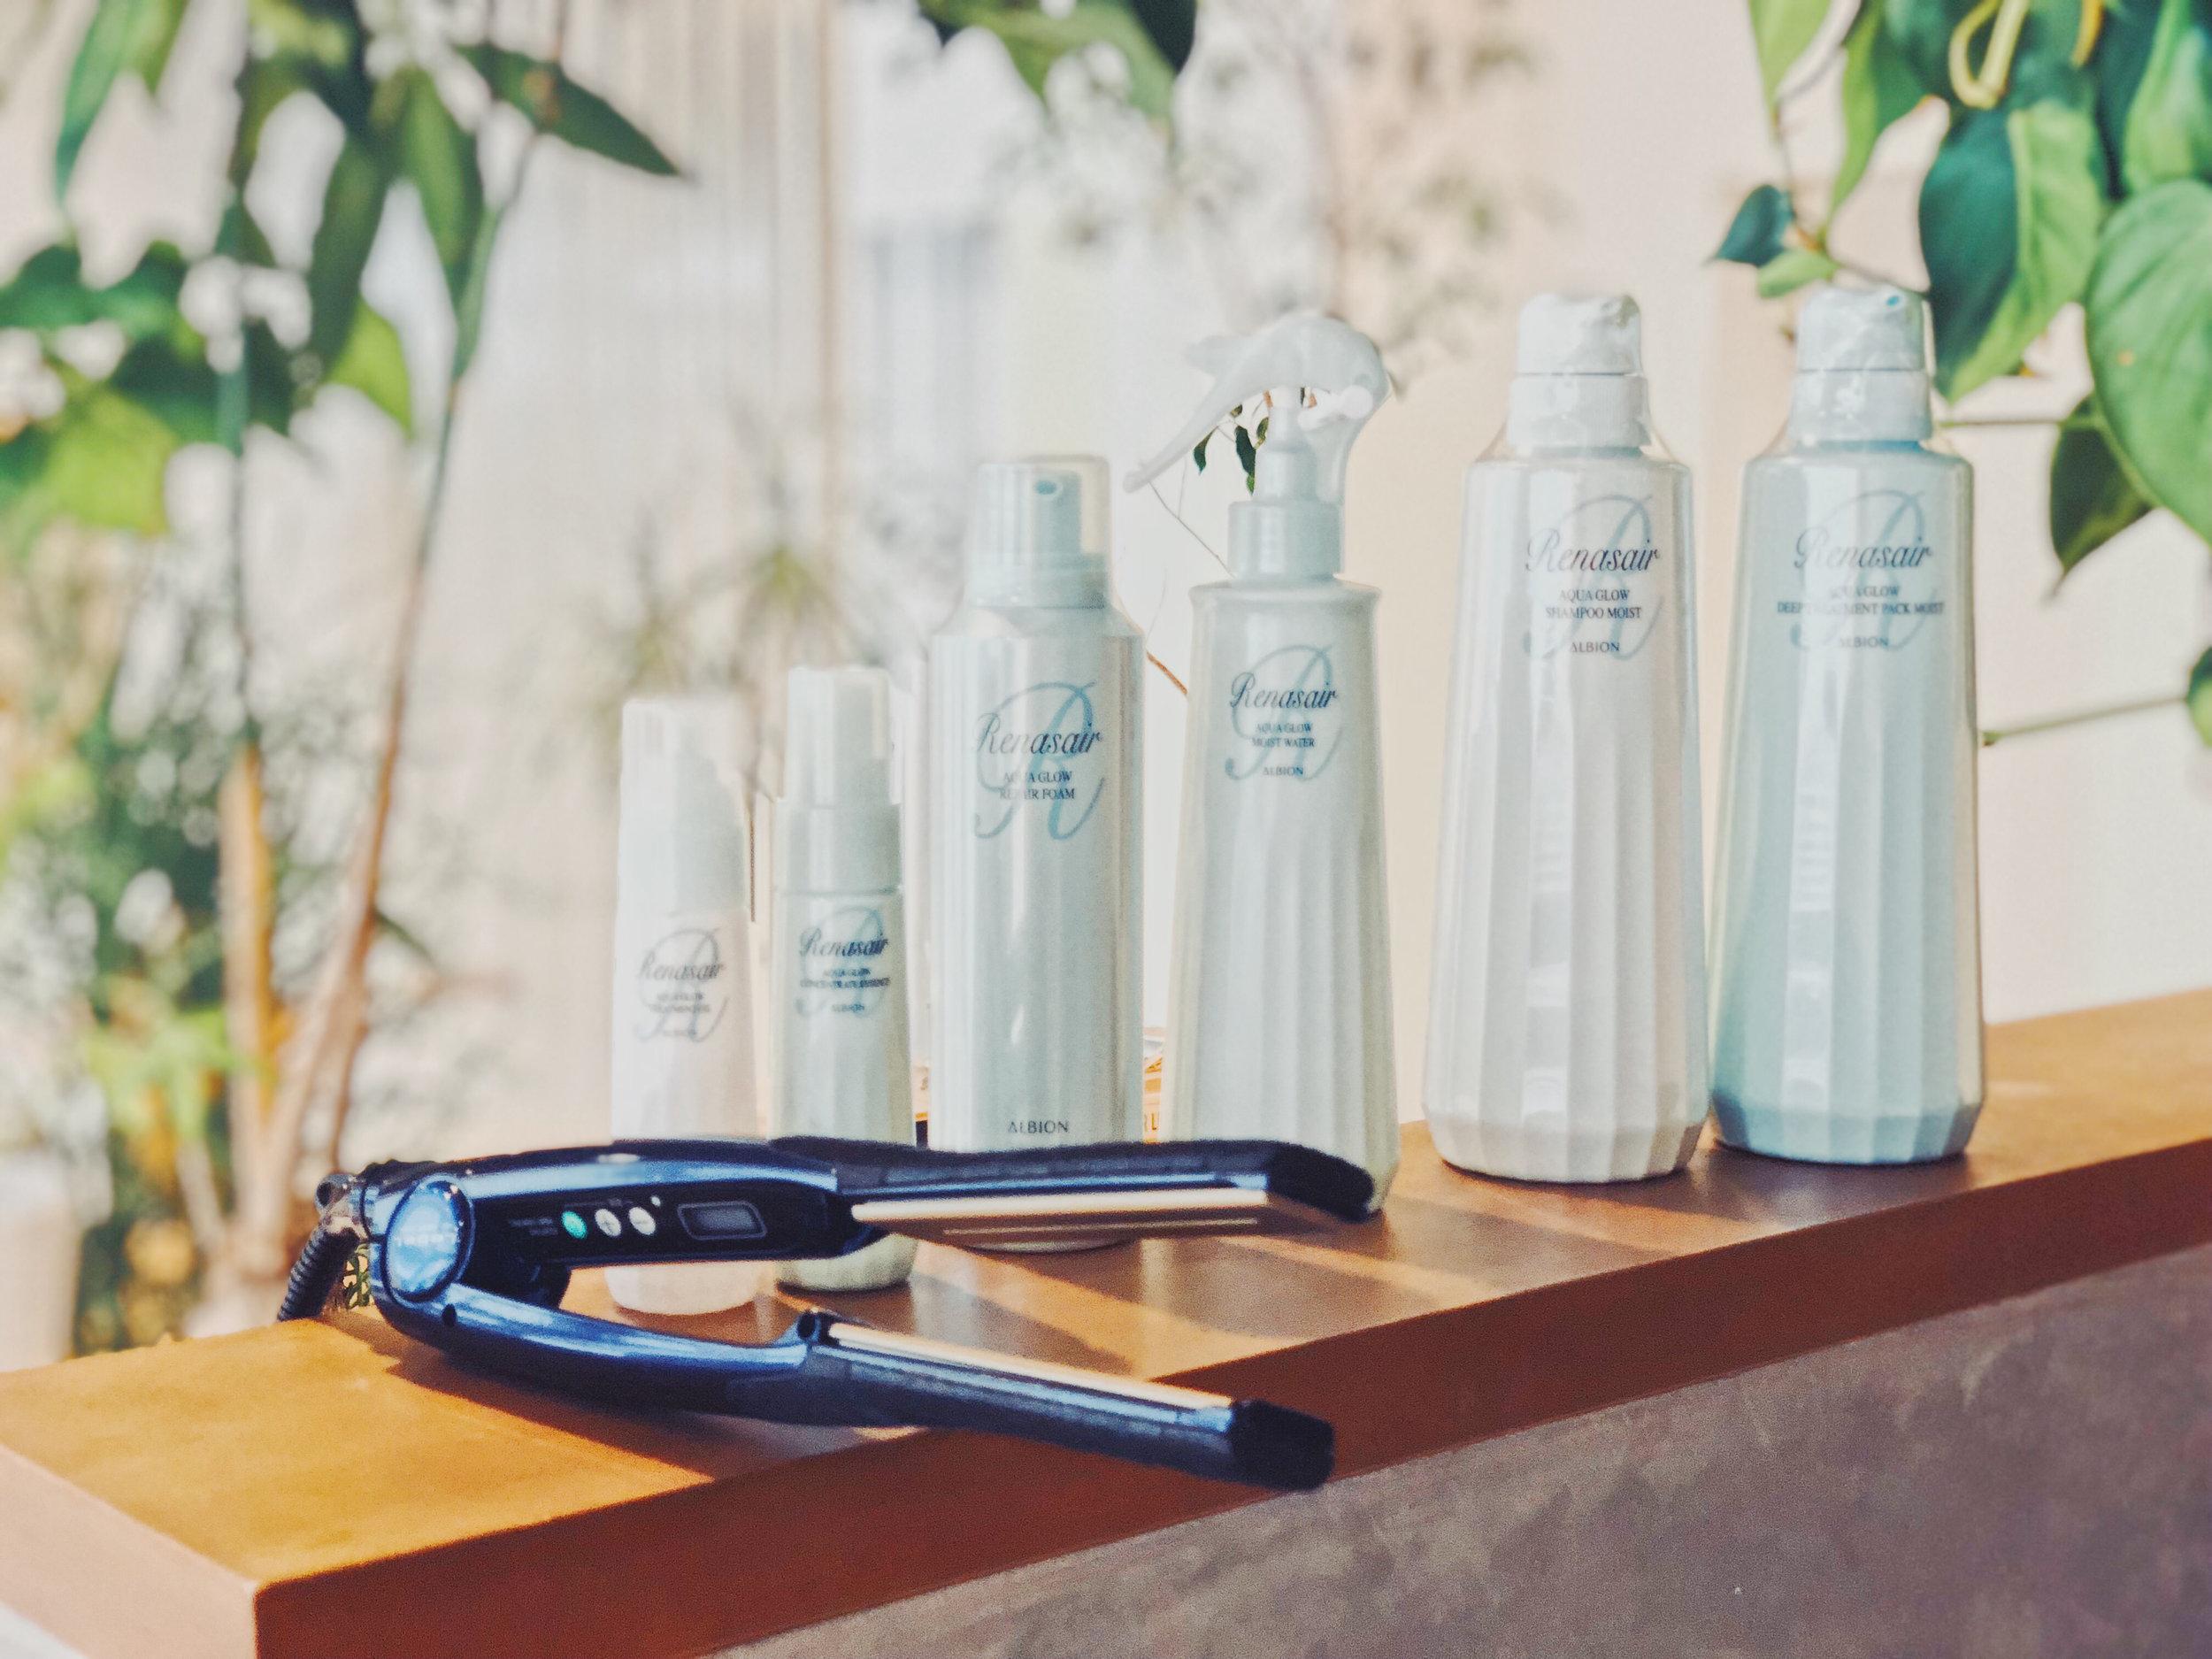 ALBION AQUA GLOW STRAIGHT PERM 3H ¥21600 - ALBIONの名品、ルネセアアクアグロウシリーズと最新のストレート技術を組み合わせて使用し、お客様一人ひとりに毎日の快適さを体験して清々しく甘く優美な香りを楽しみながら、輝くような艶やかな美しい髪へ導くメニューです。